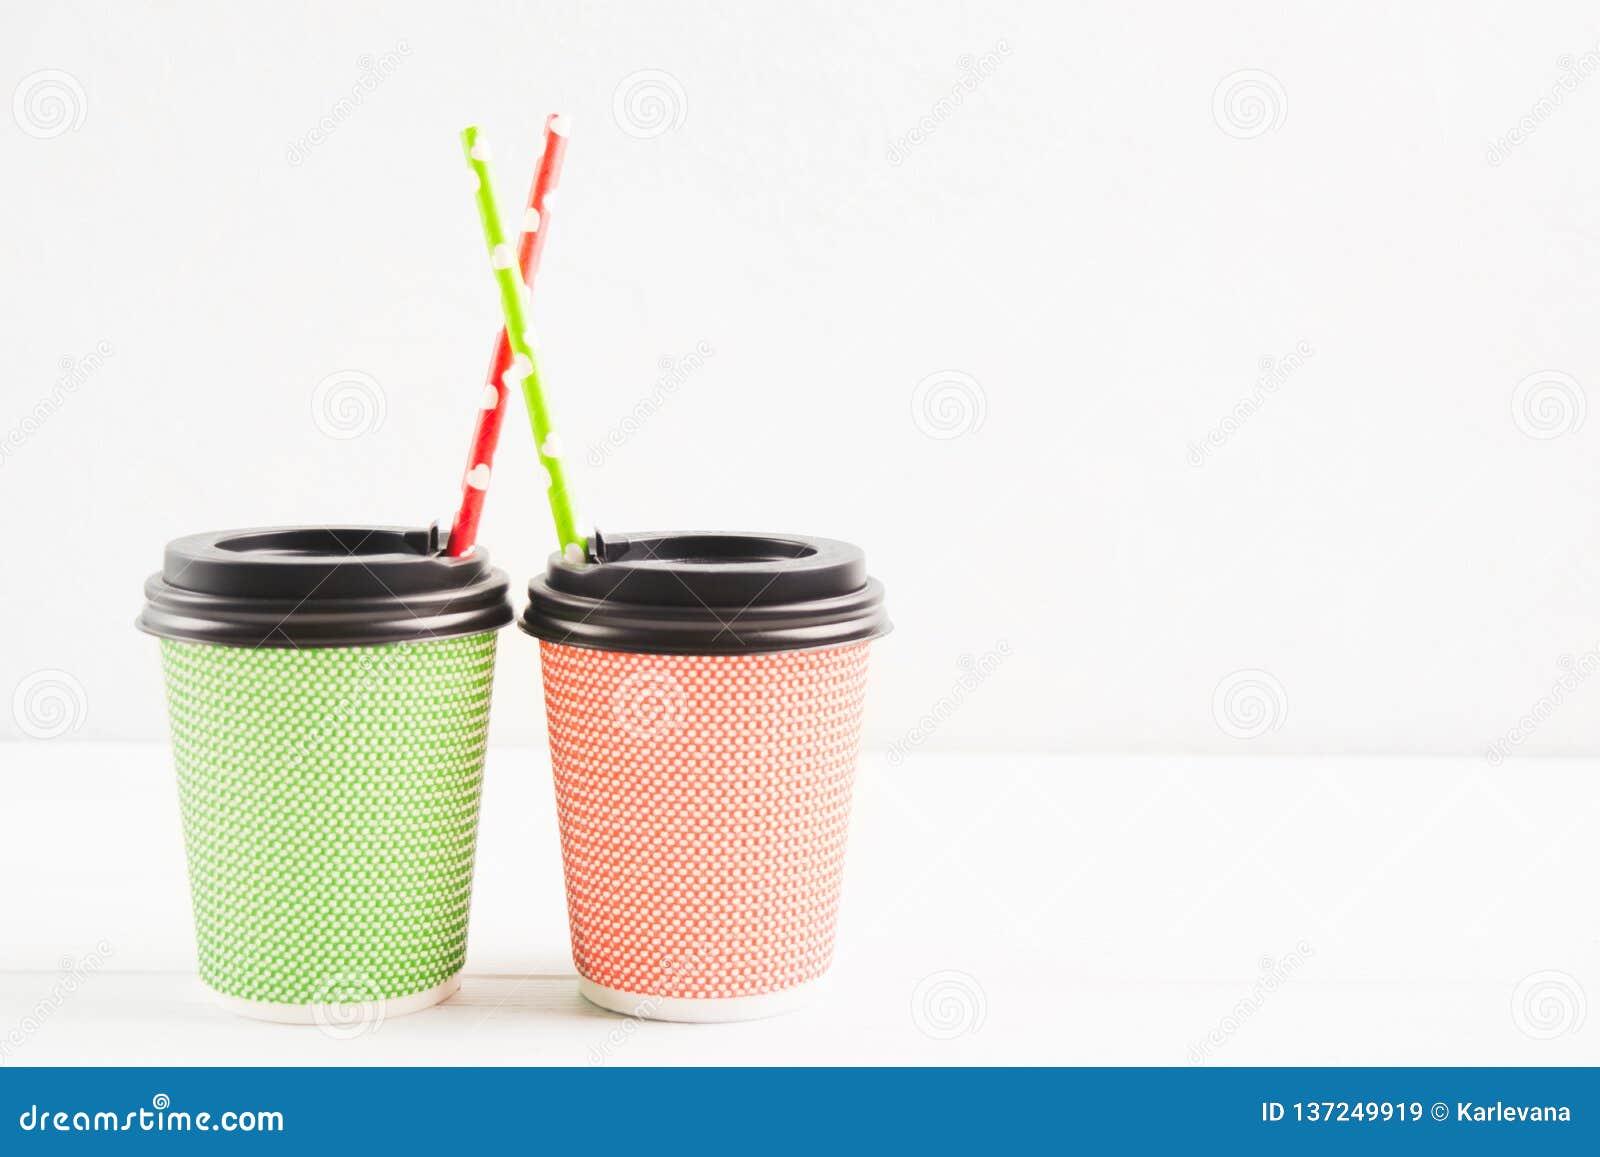 Grüne und rote Papierschalen mit Plastikabdeckung